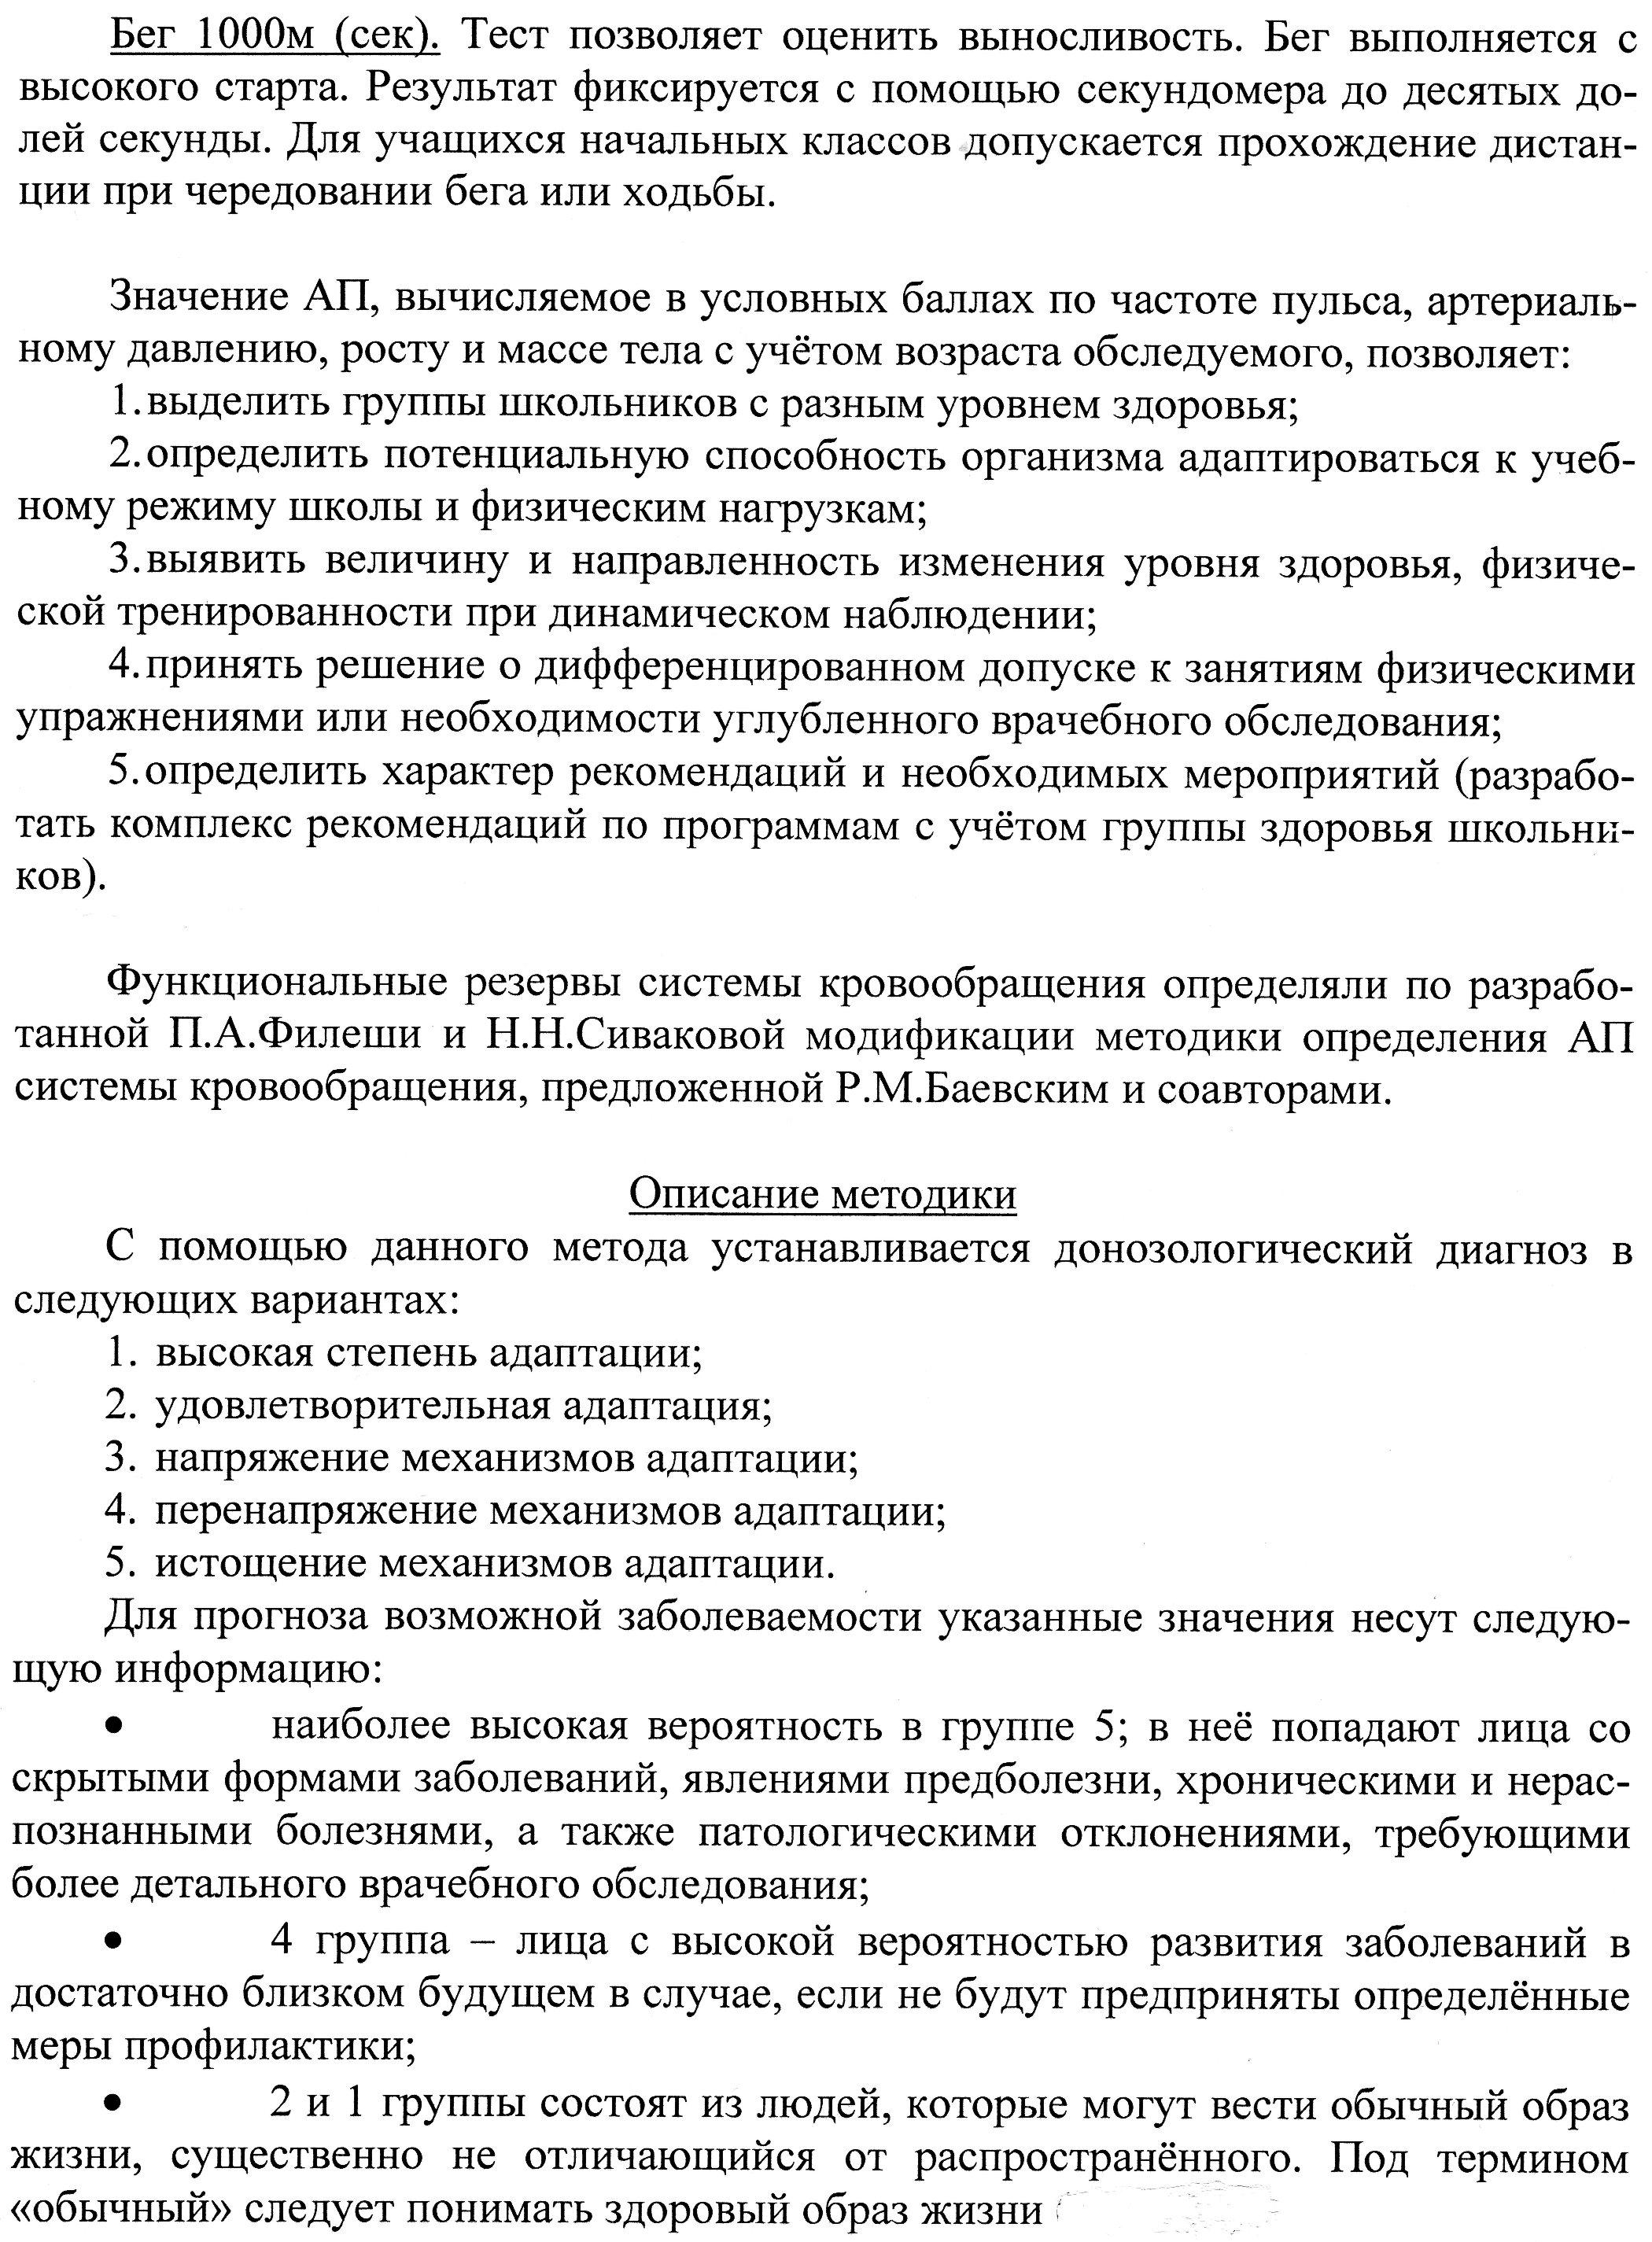 C:\Users\Валентина\Desktop\Ира\4.jpg